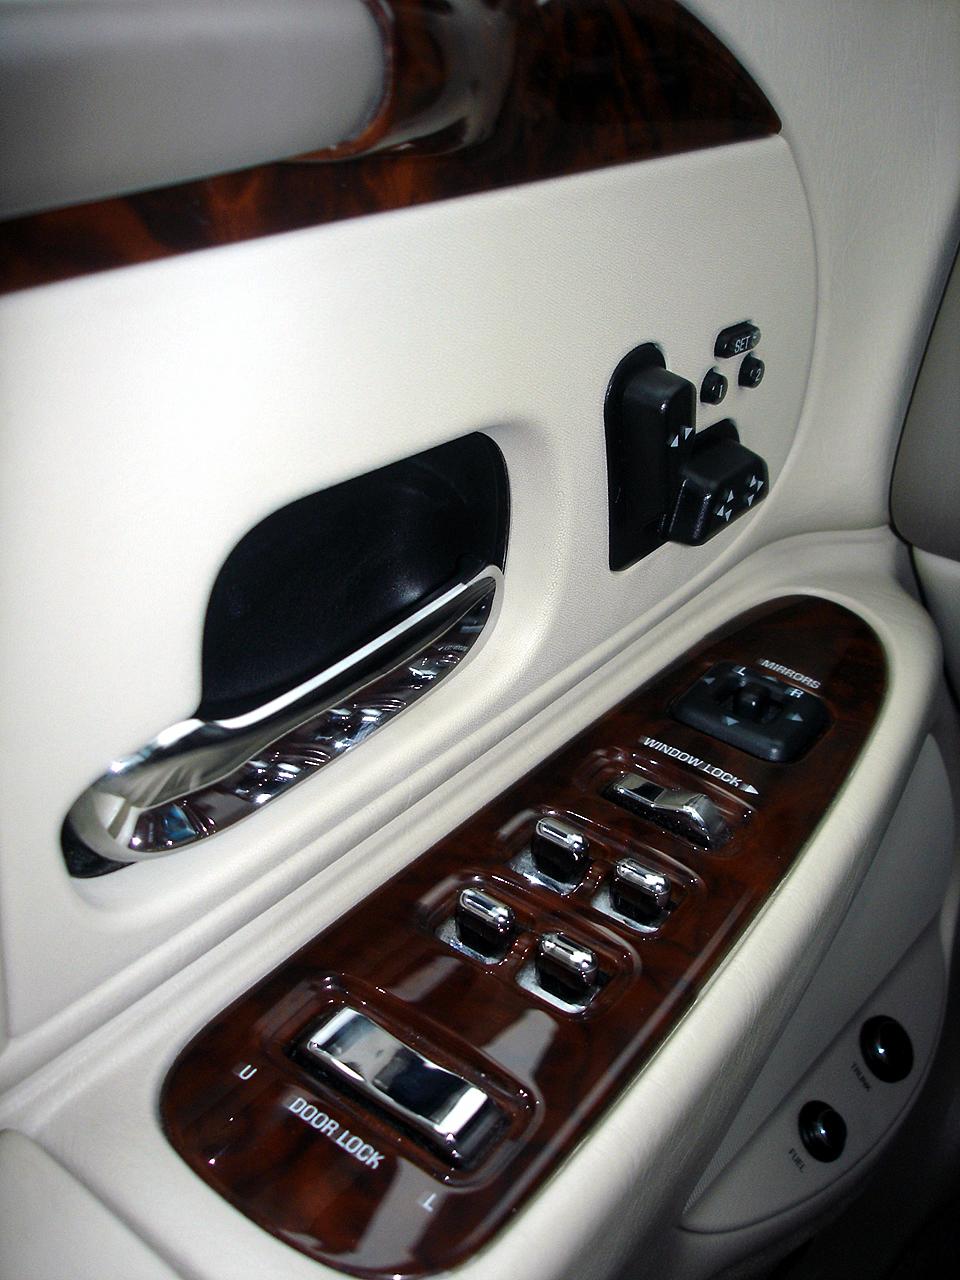 1998 2002 door panel